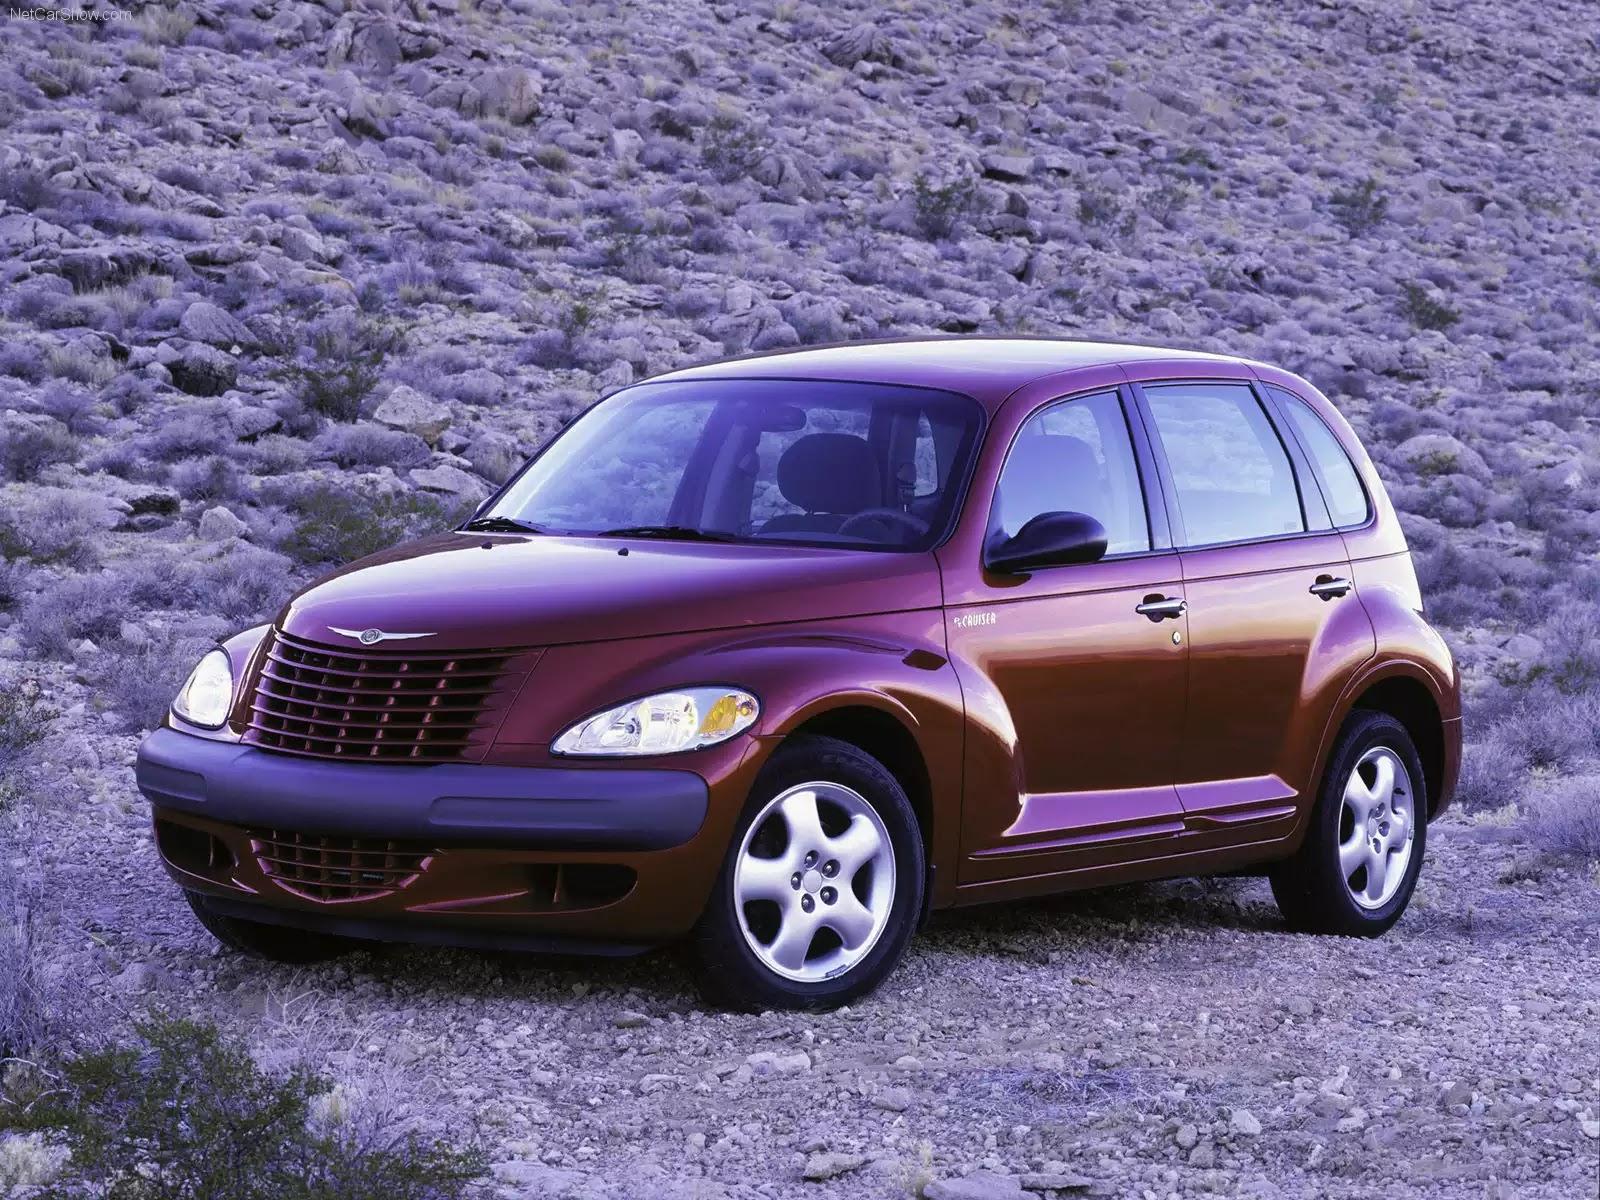 Hình ảnh xe ô tô Chrysler PT Cruiser 2001 & nội ngoại thất